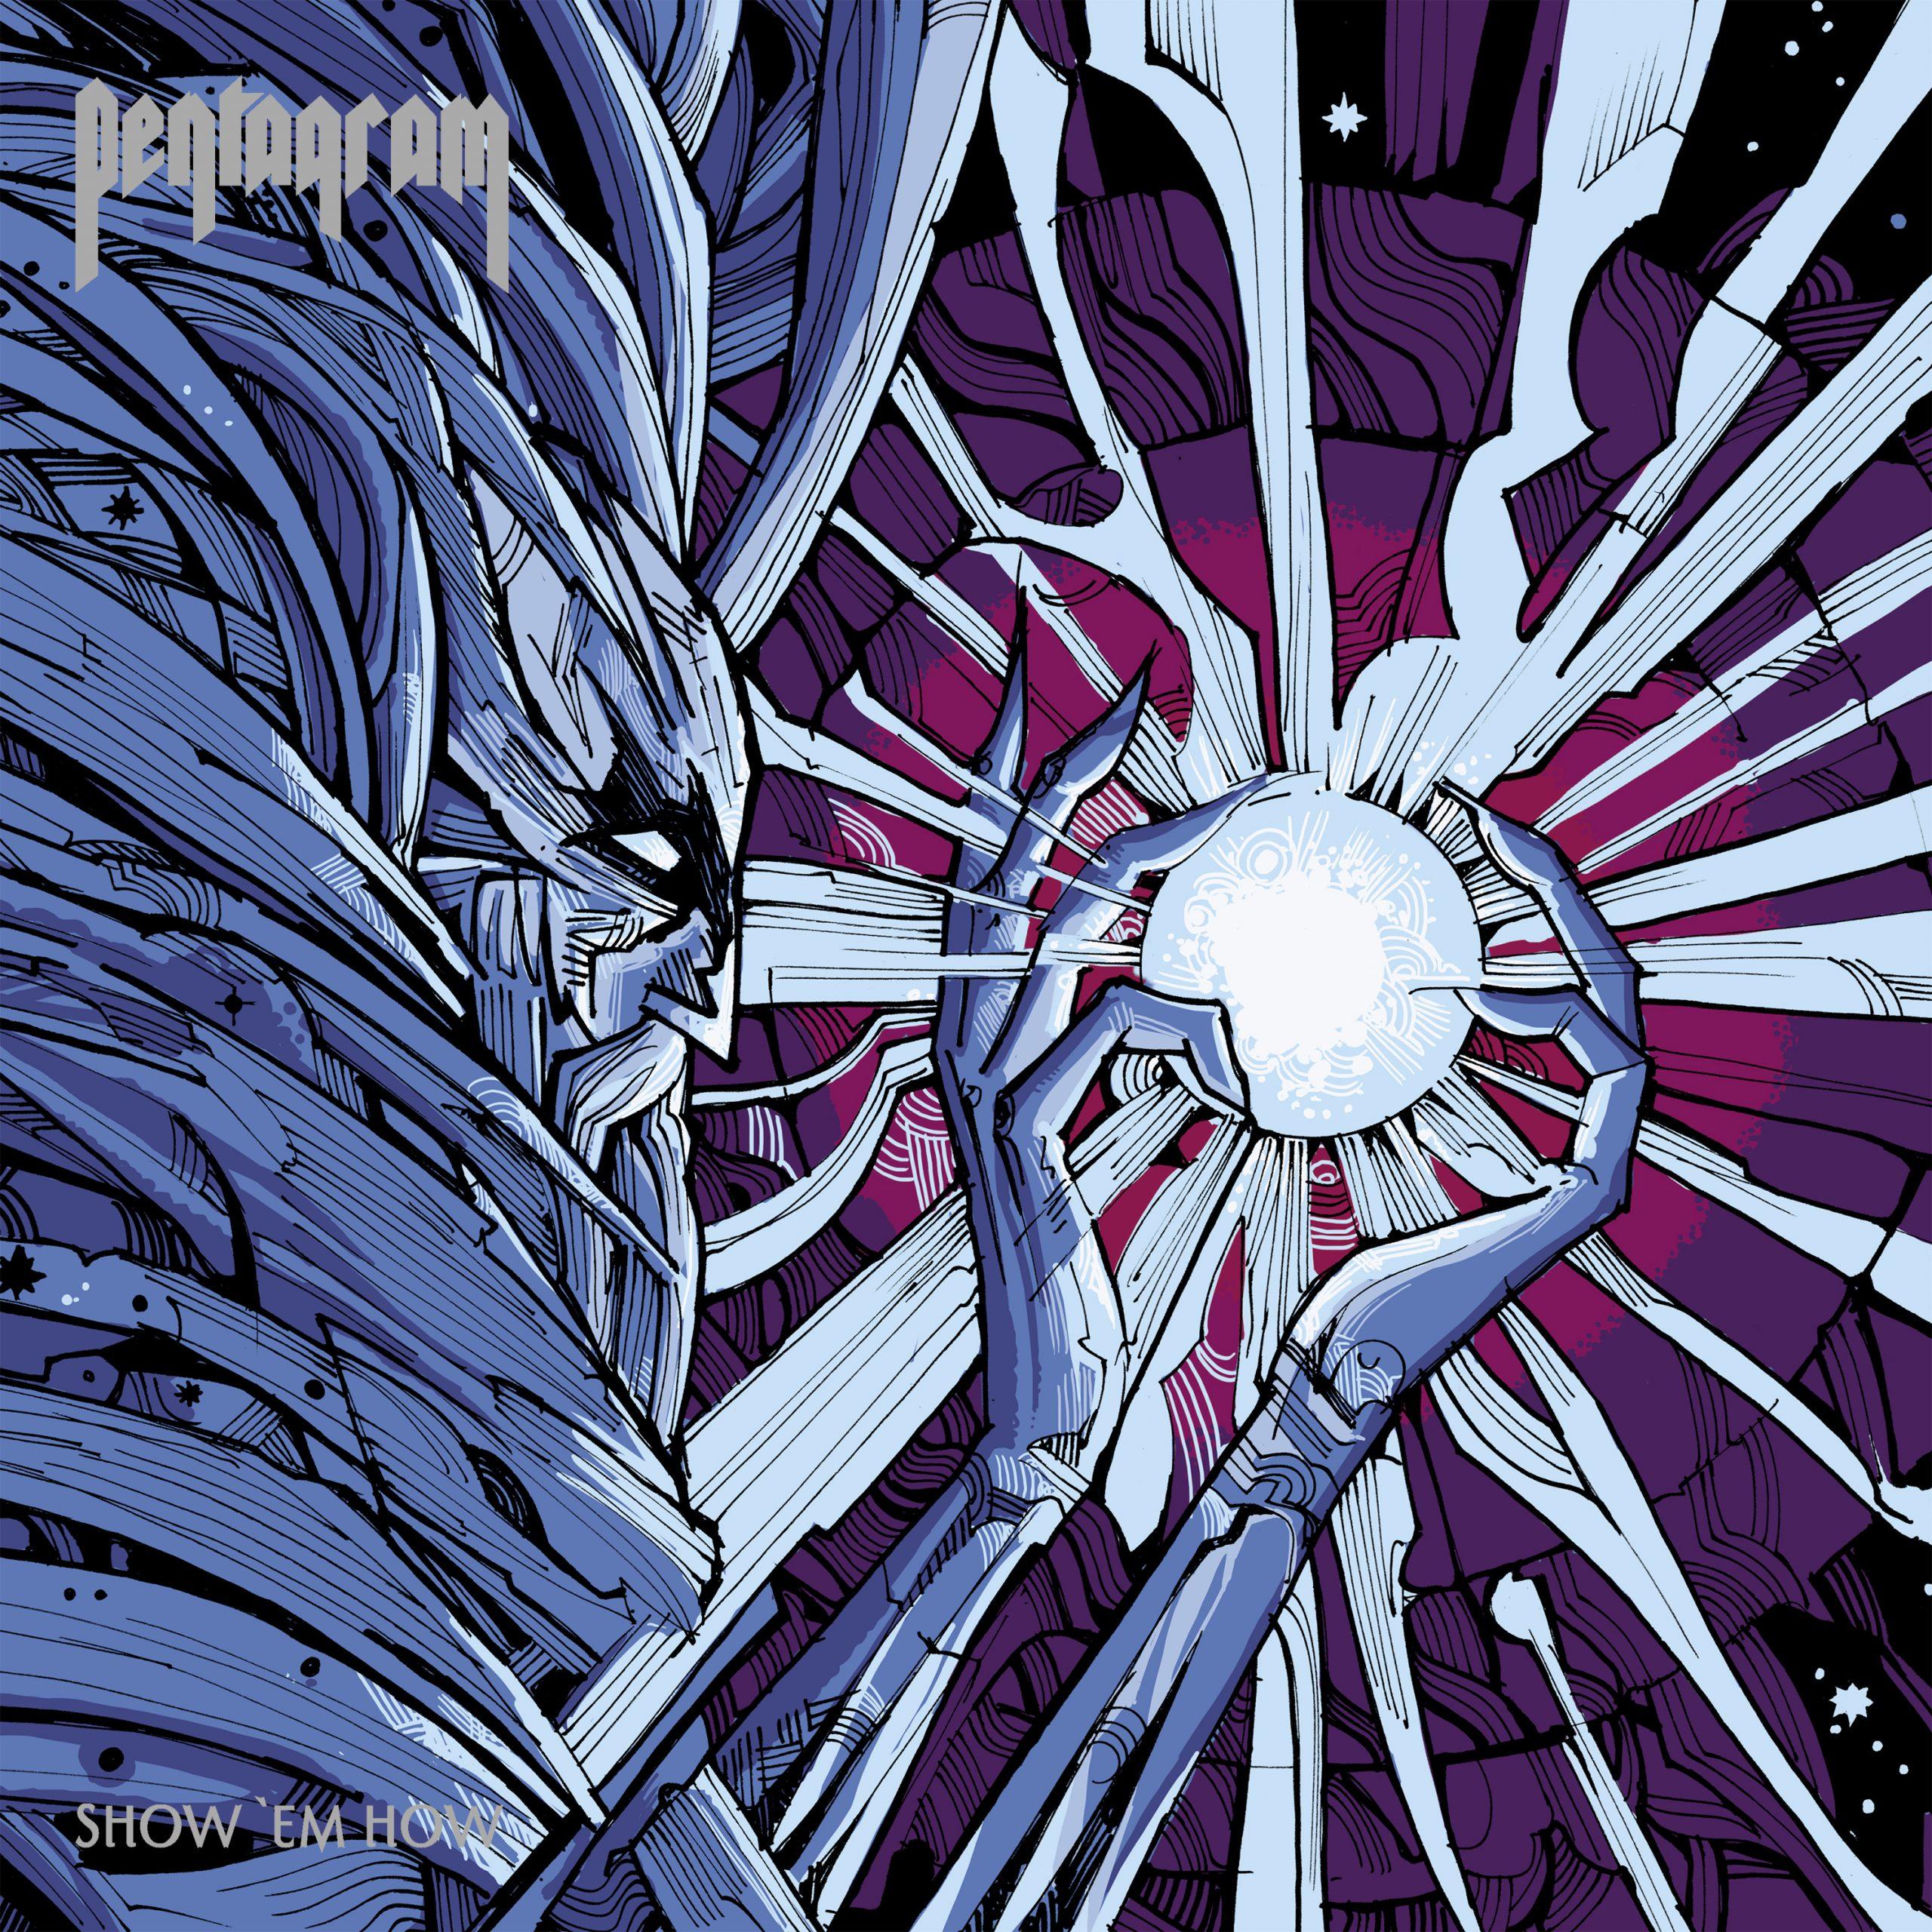 Pentagram_show_em_how_front-scaled